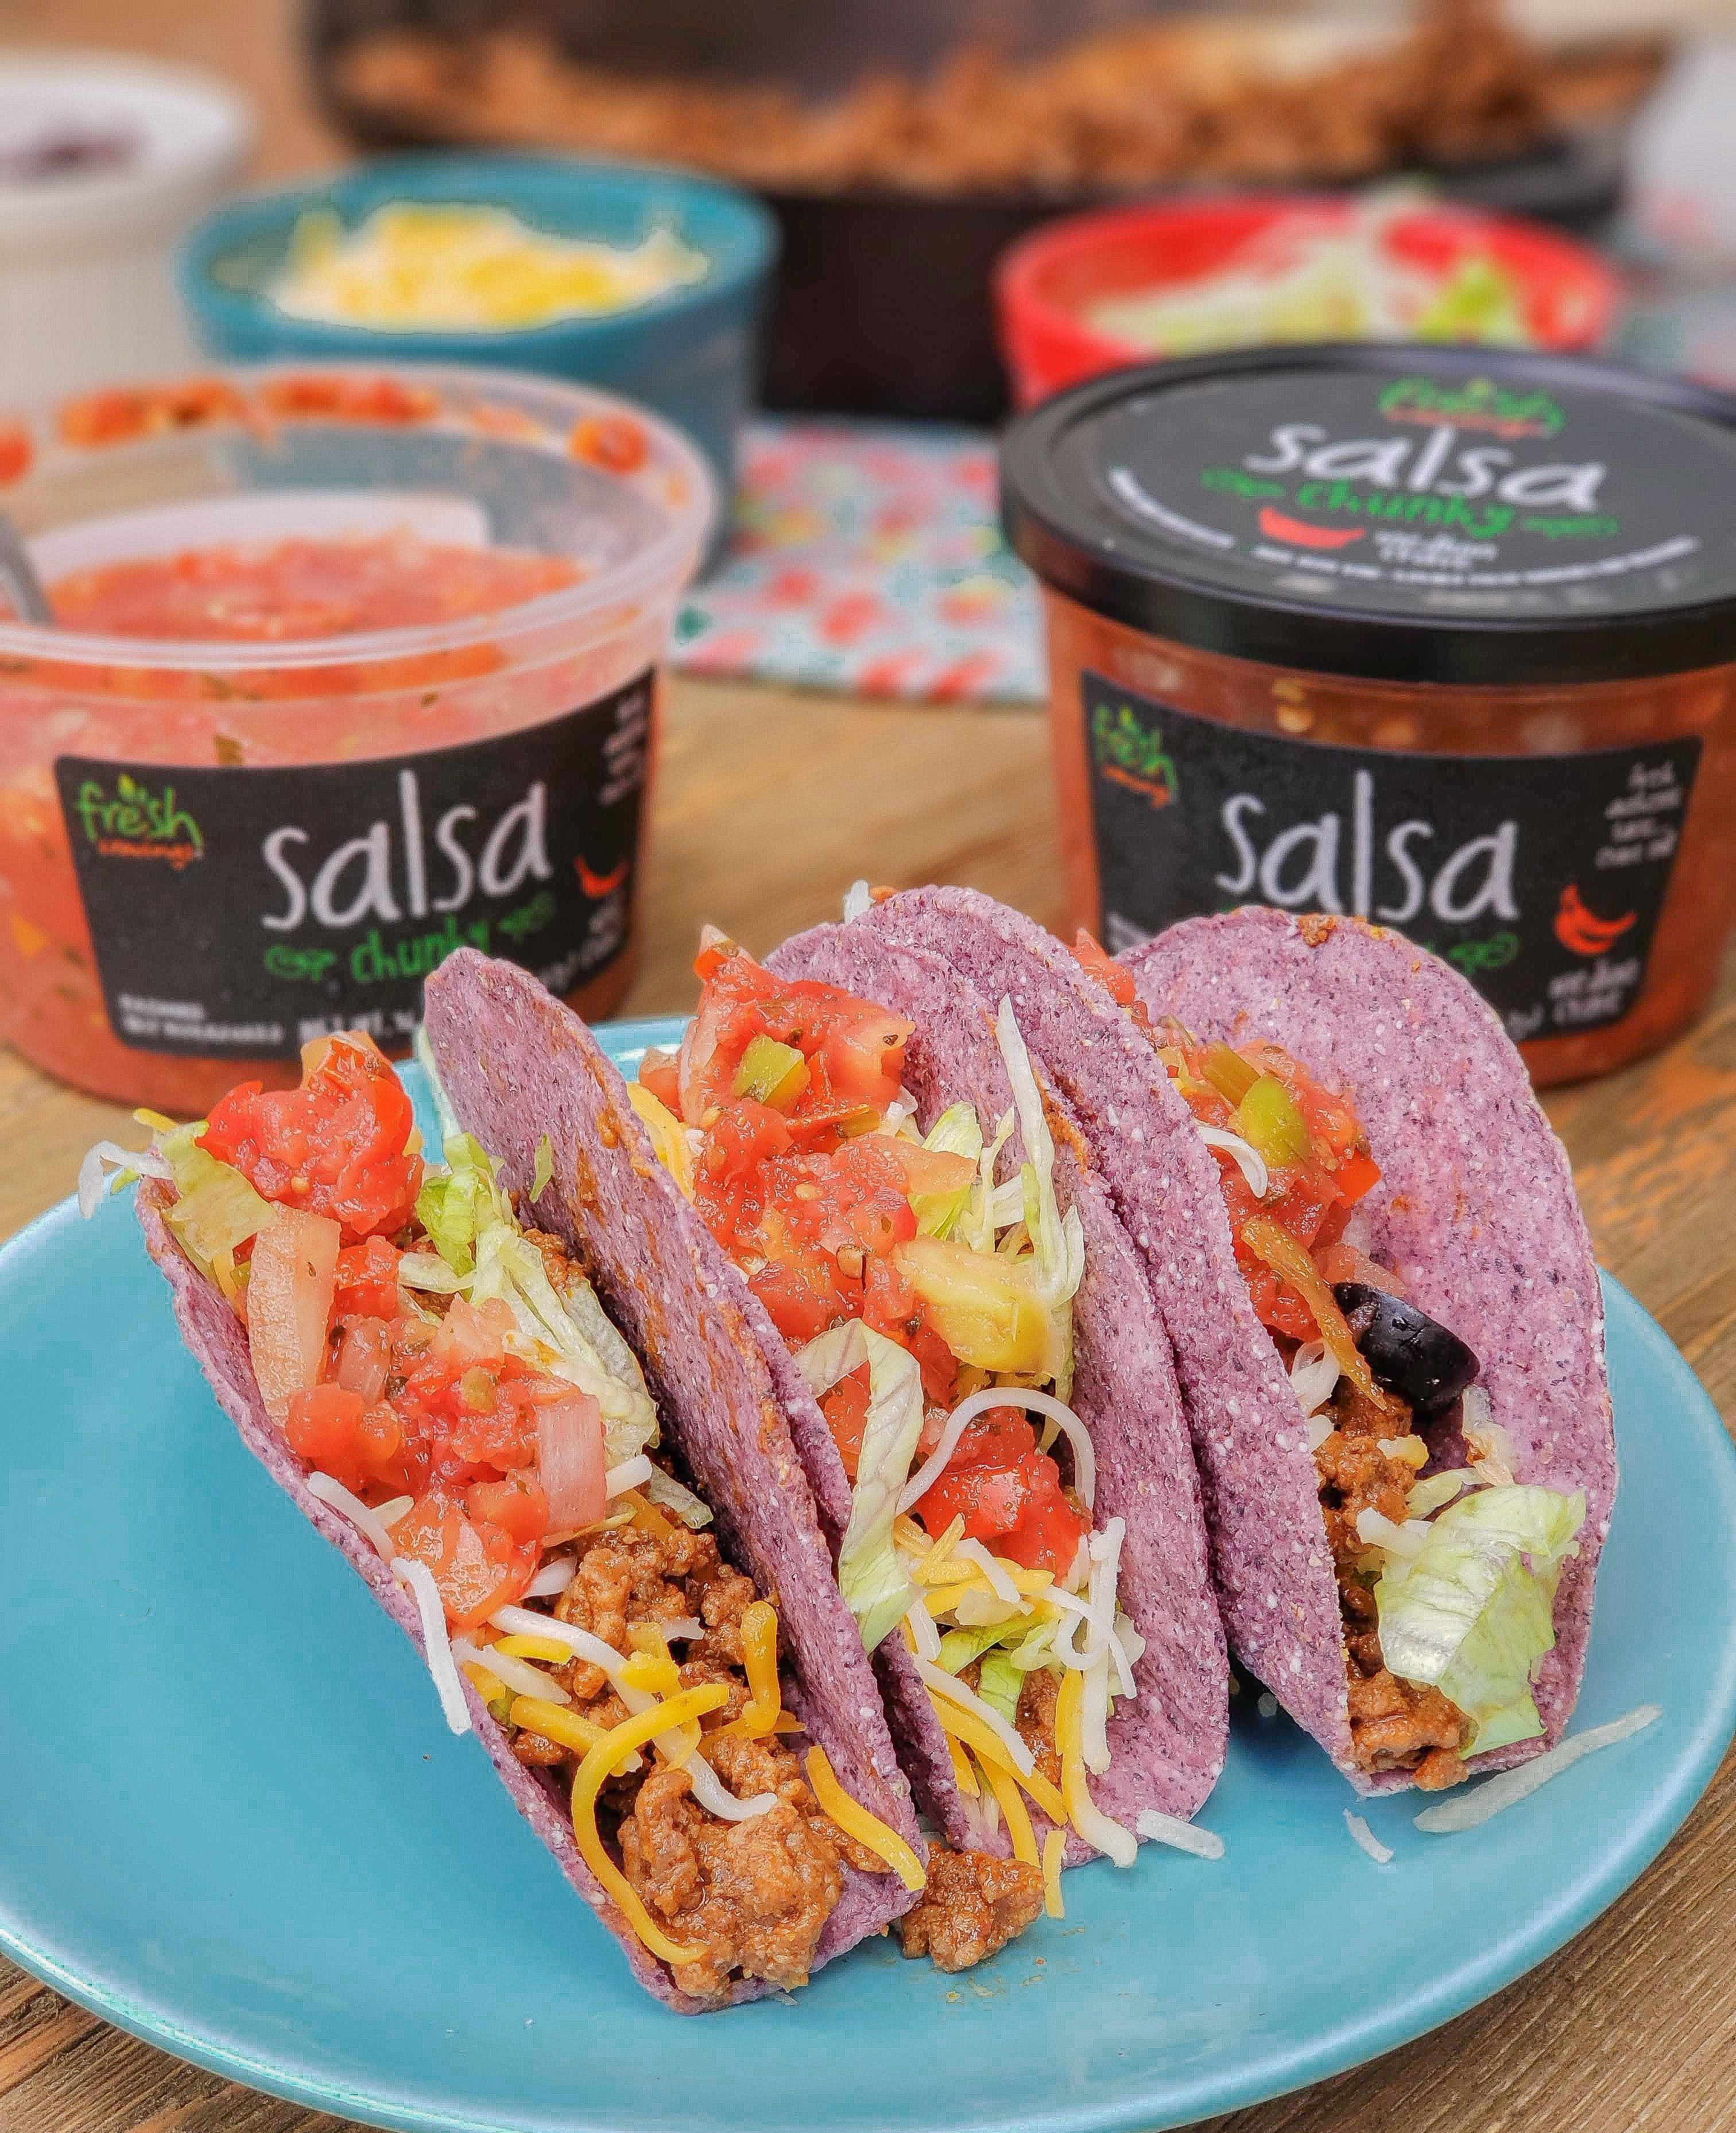 taco tuesday night dinner ideas, taco tuesday tradition, family